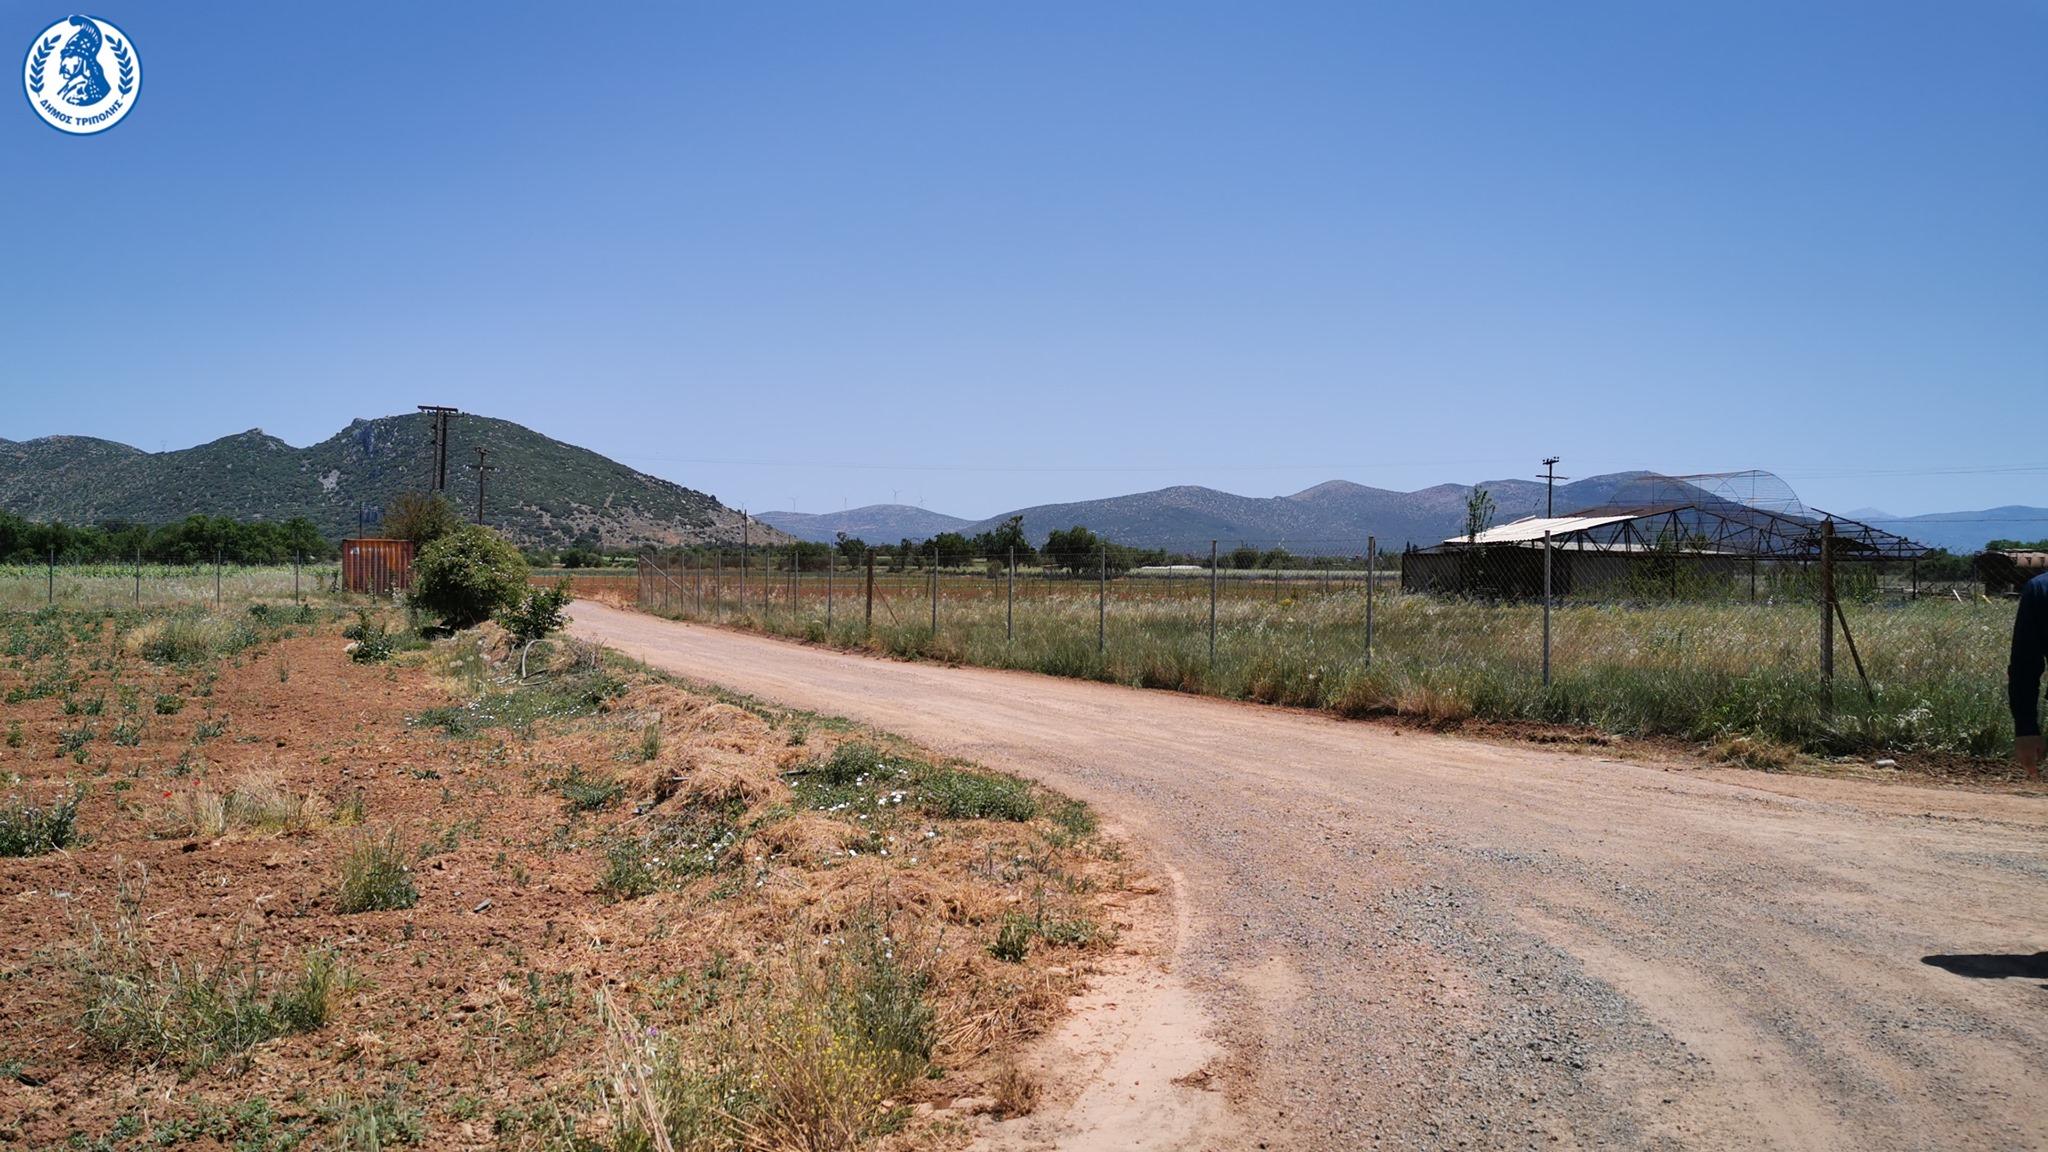 Έργα-αγροτικό-δίκτυο-Νεοχωρίου